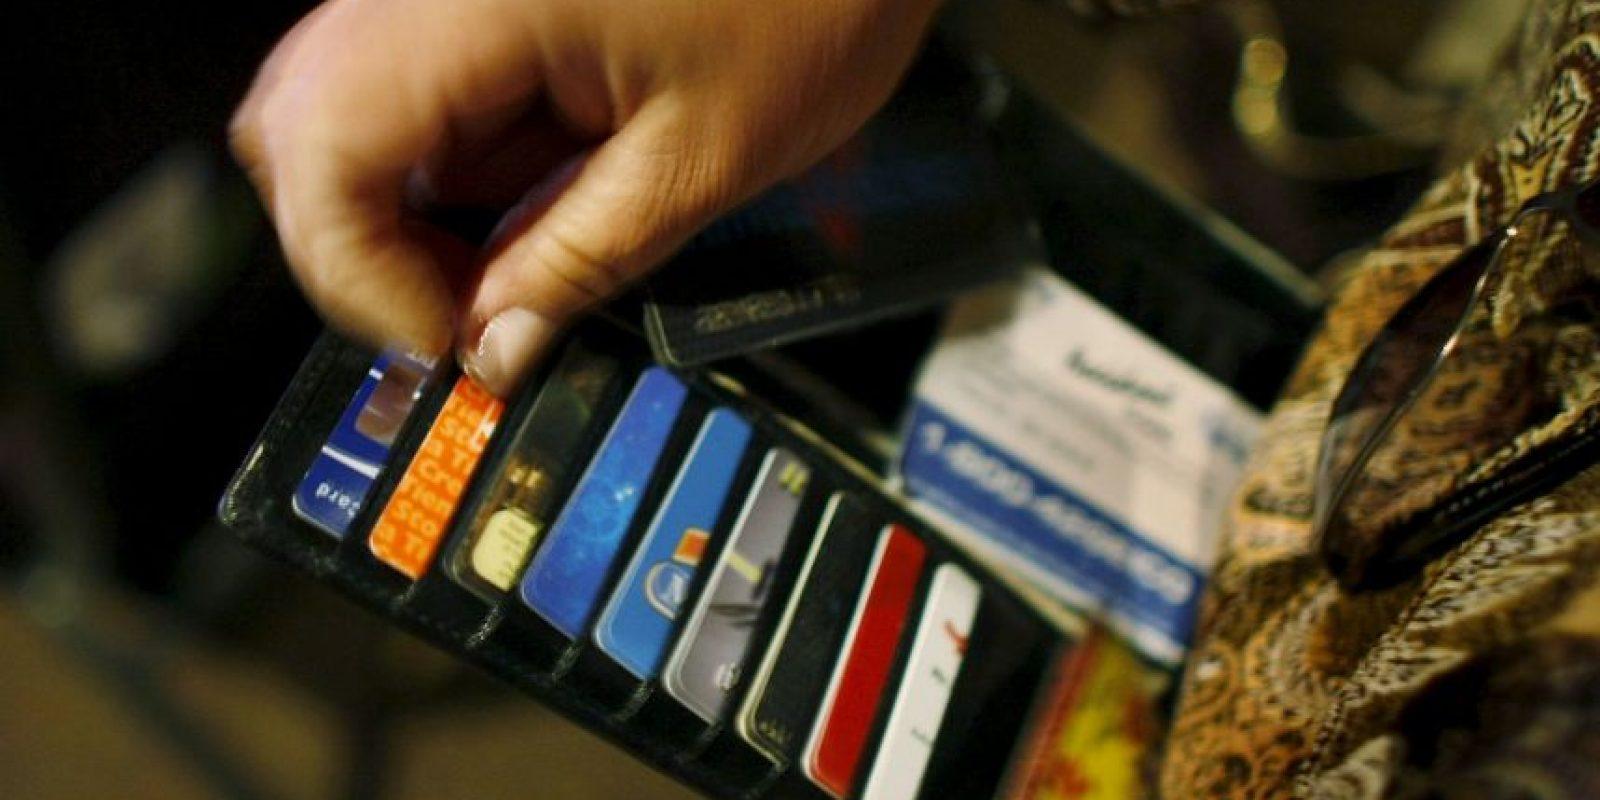 4. Eviten traer con ustedes altas sumas de dinero, así como tarjetas bancarias que no sean necesarias. Foto:Getty Images